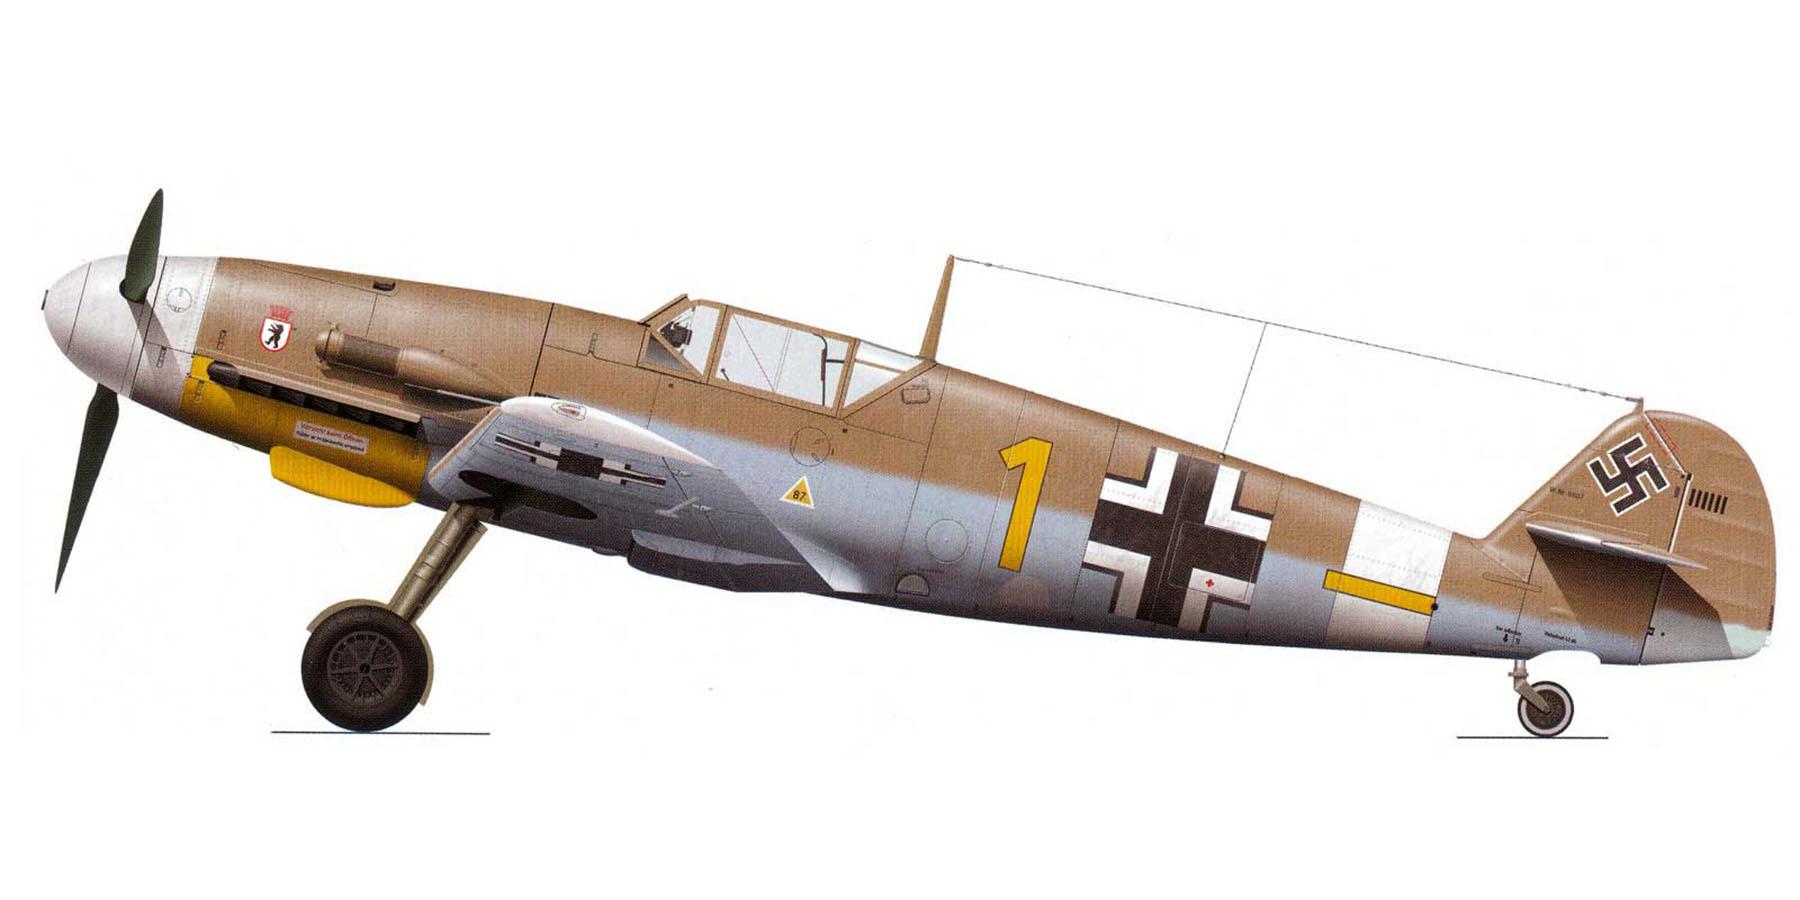 Messerschmitt Bf 109F4Trop 6.JG27 Yellow 1 Rudolf Rudi Sinner Tmimi Jun 1942 0A